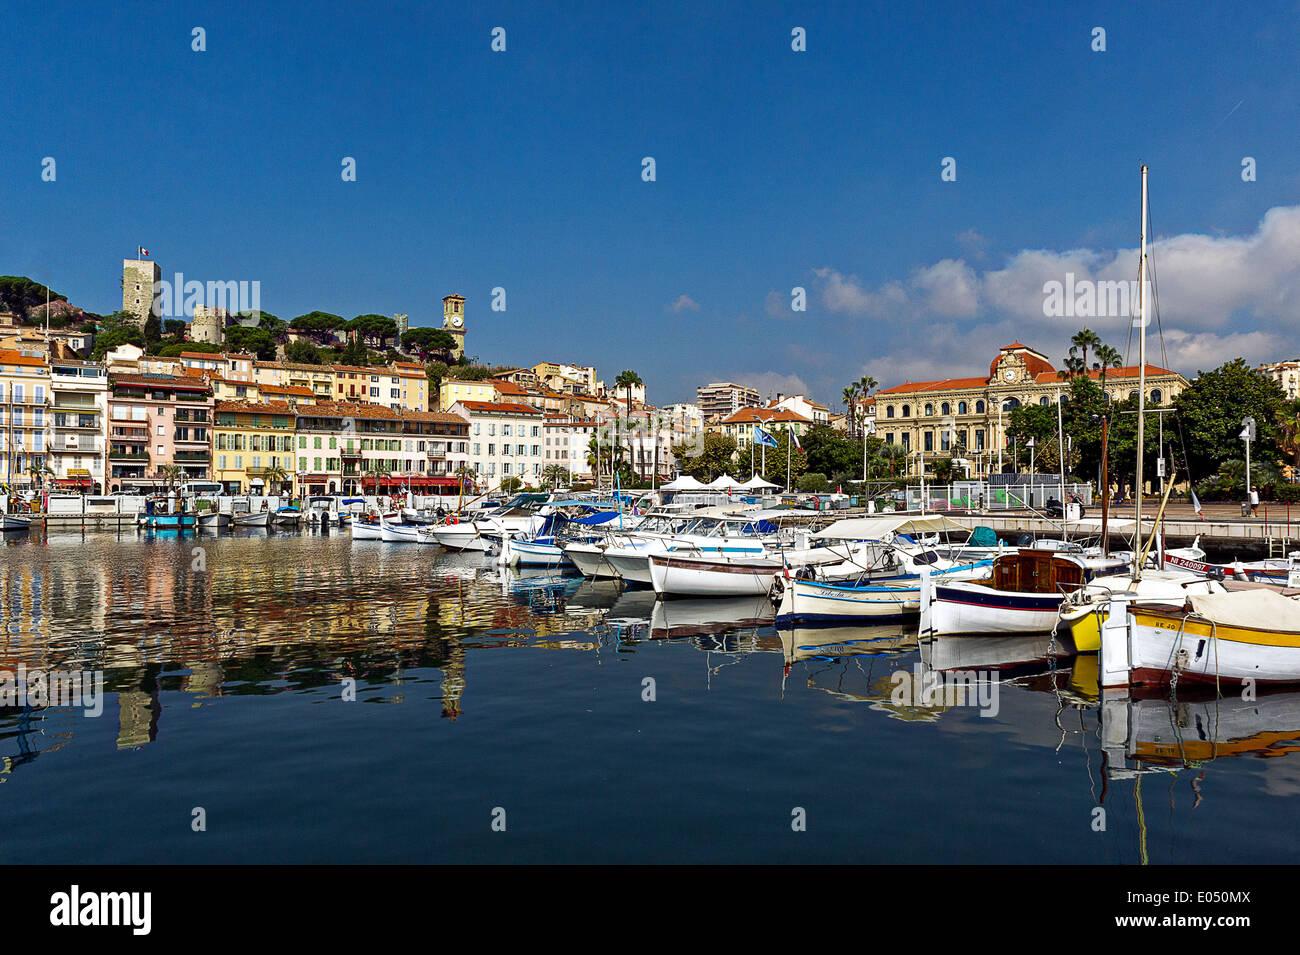 Europe, France, Alpes-Maritimes, Cannes. La vieille ville et du vieux port. Photo Stock